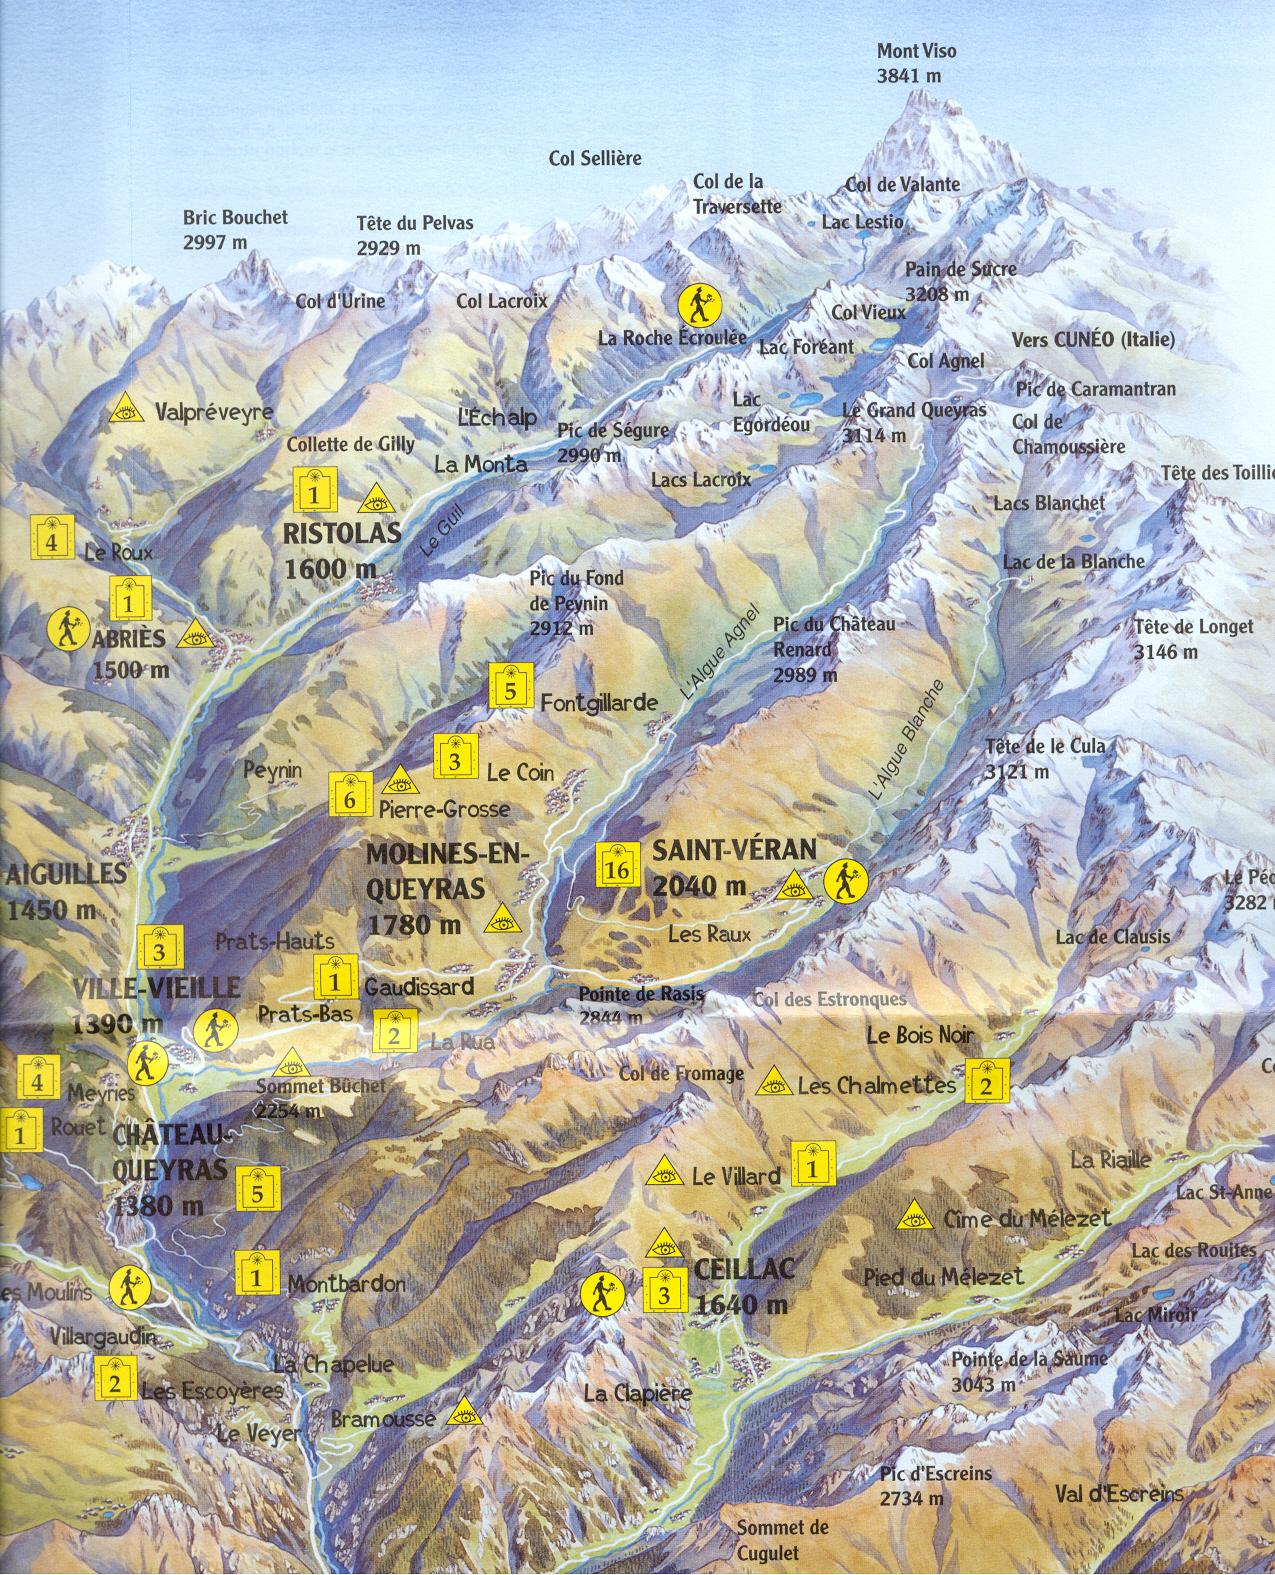 Carte Touristique Du Queyras.Cadrans Solaires Du Queyras